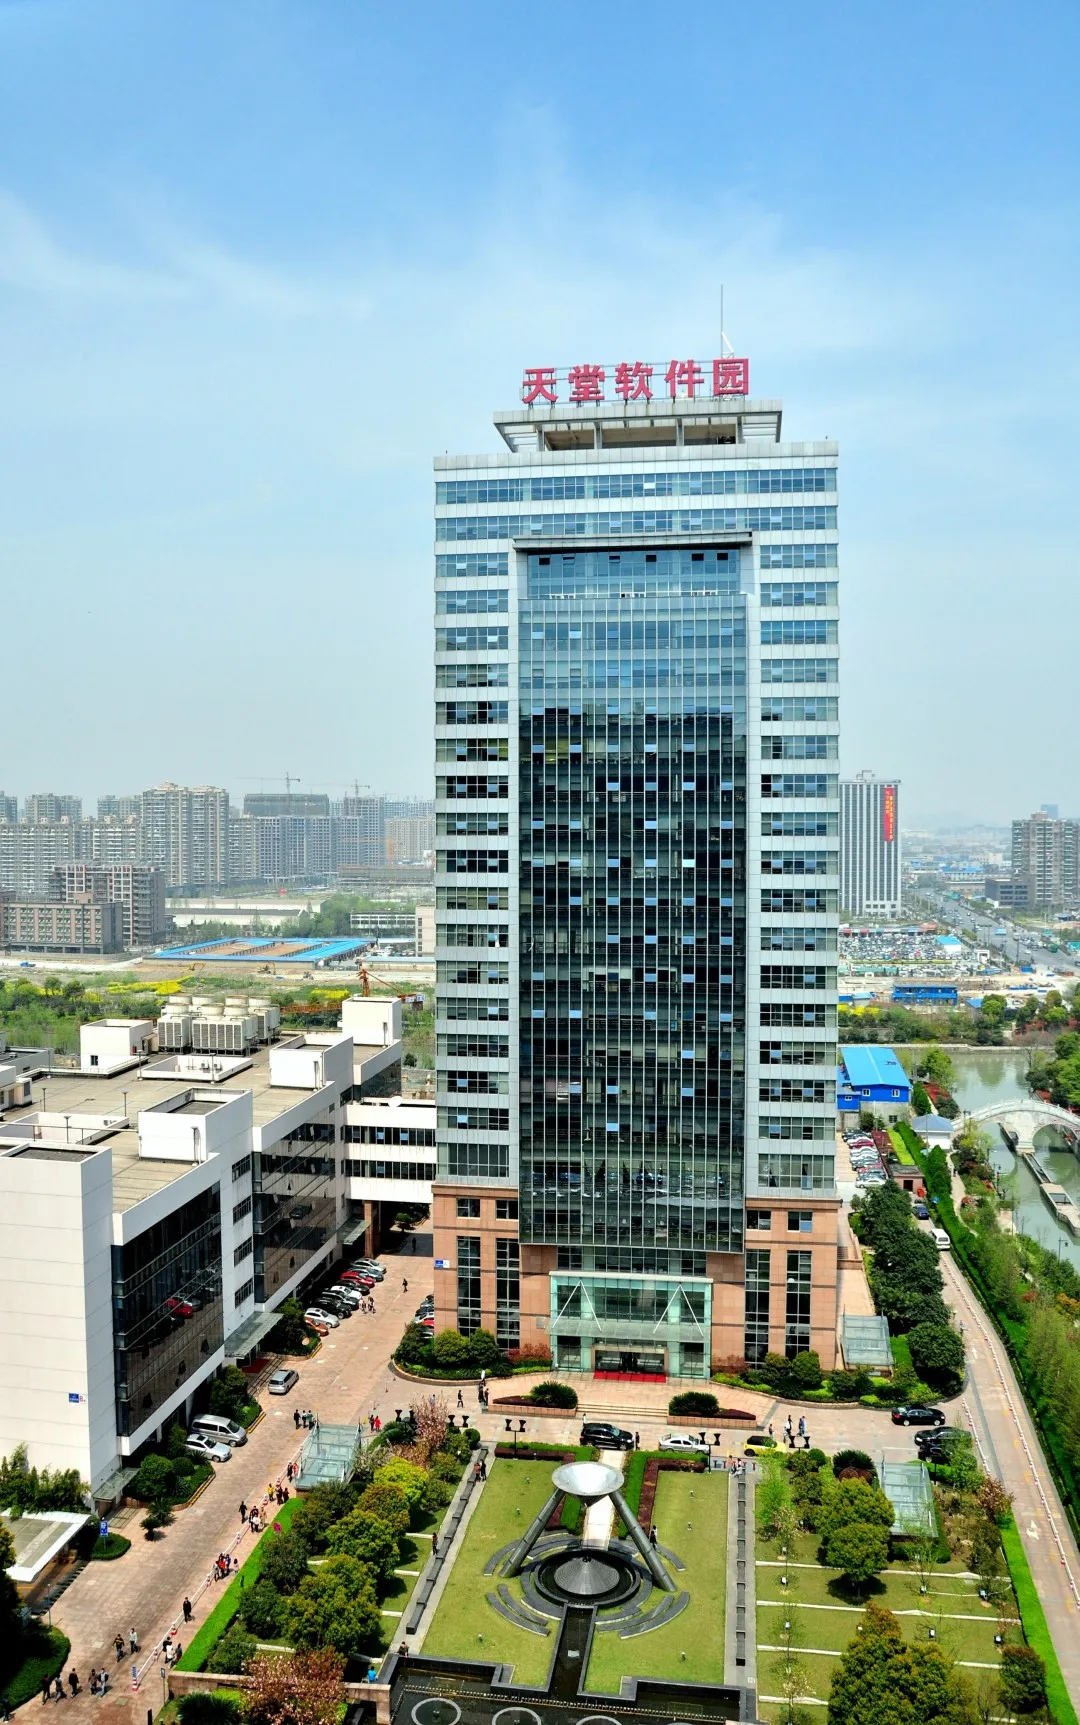 高新区(滨江),World-class